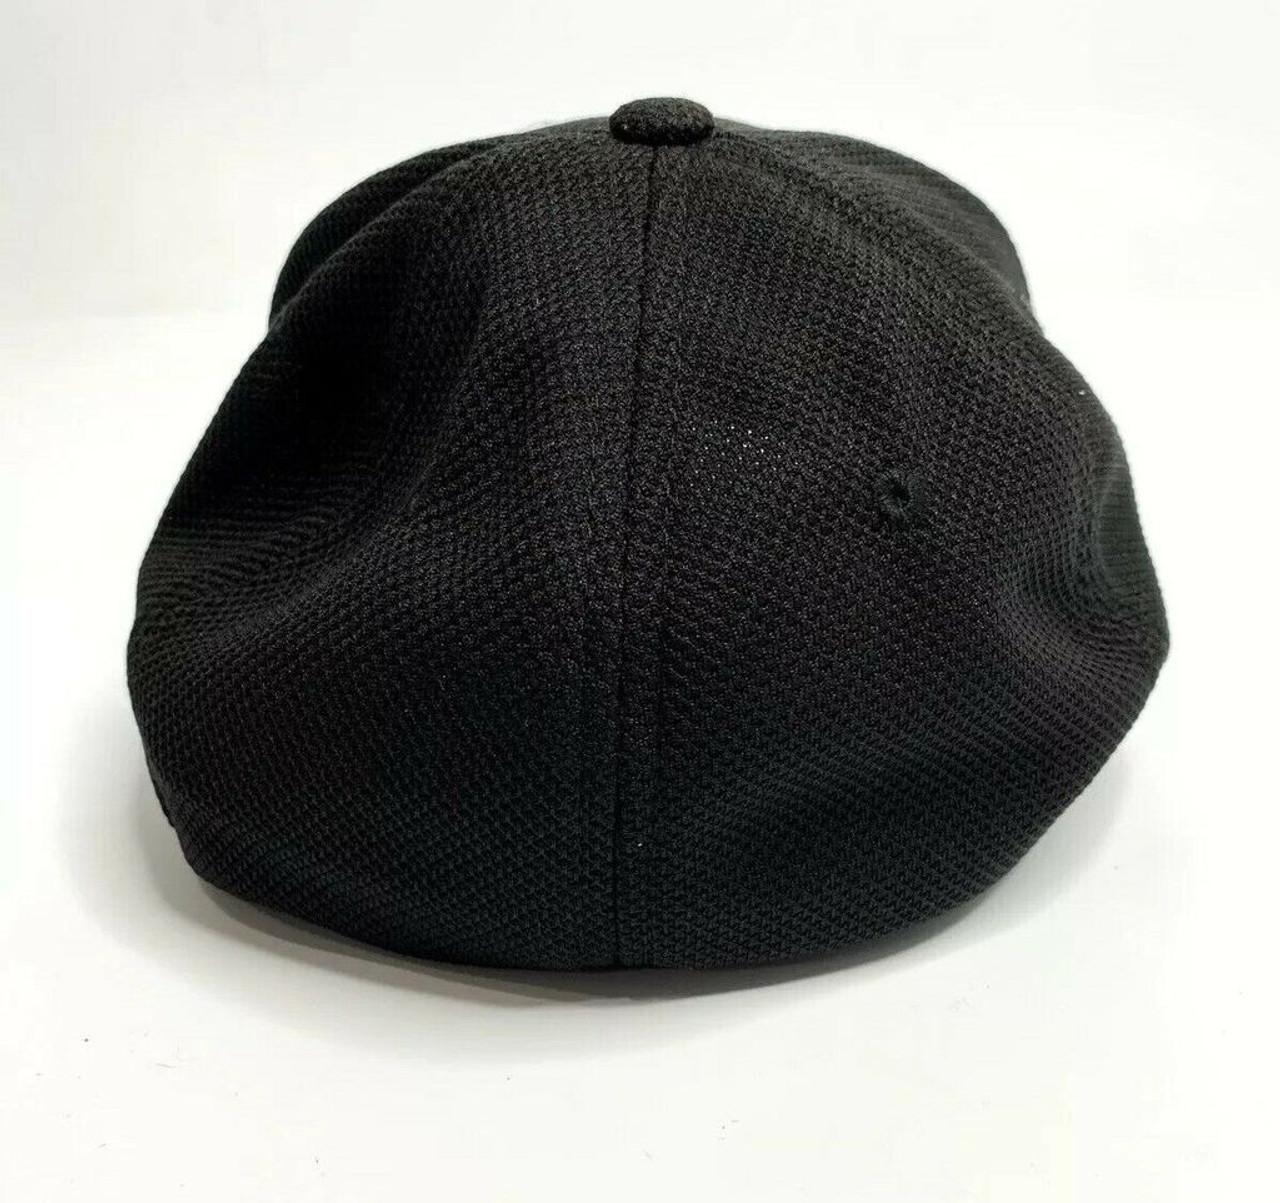 C3 Corvette Performance Flex Fit Black Hat (back)